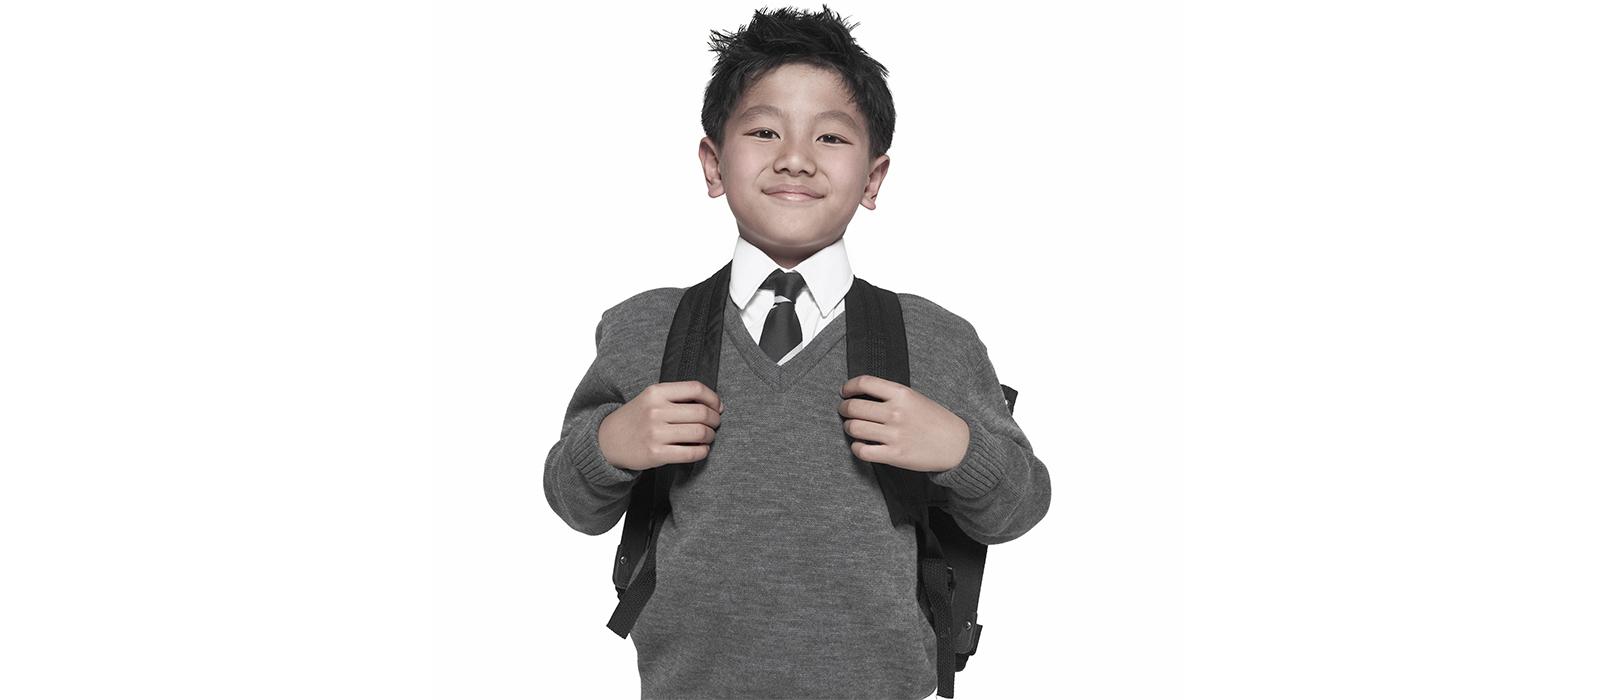 CSMC CHARTER SCHOOLS - HIDE YOUR KIDS. HIDE YOUR WIVES.